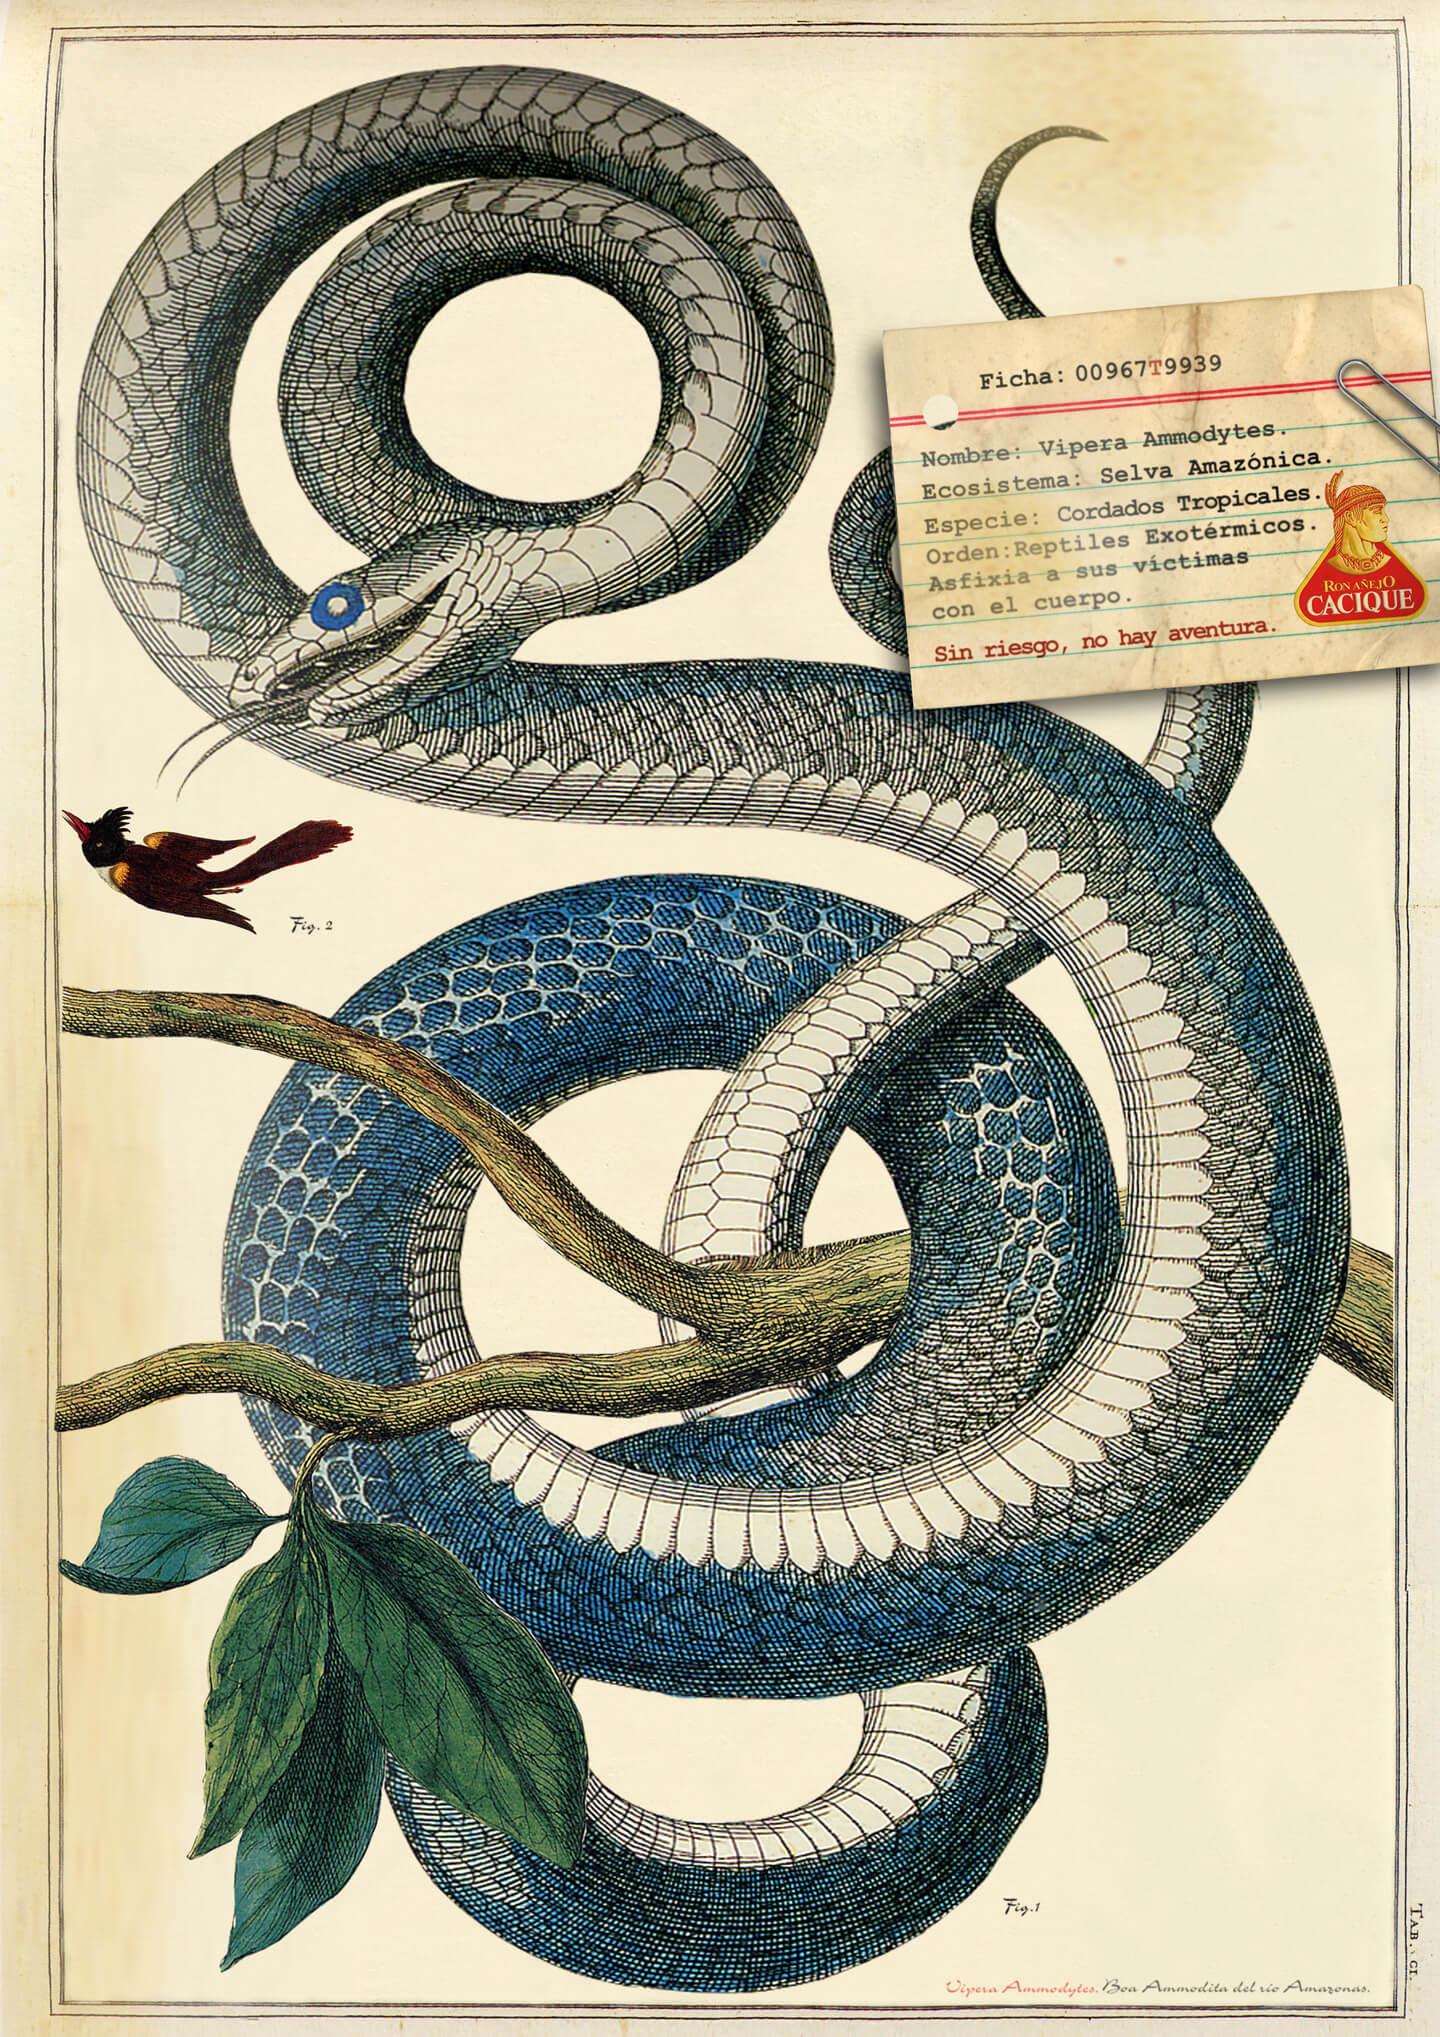 004-fcacique-serpiente